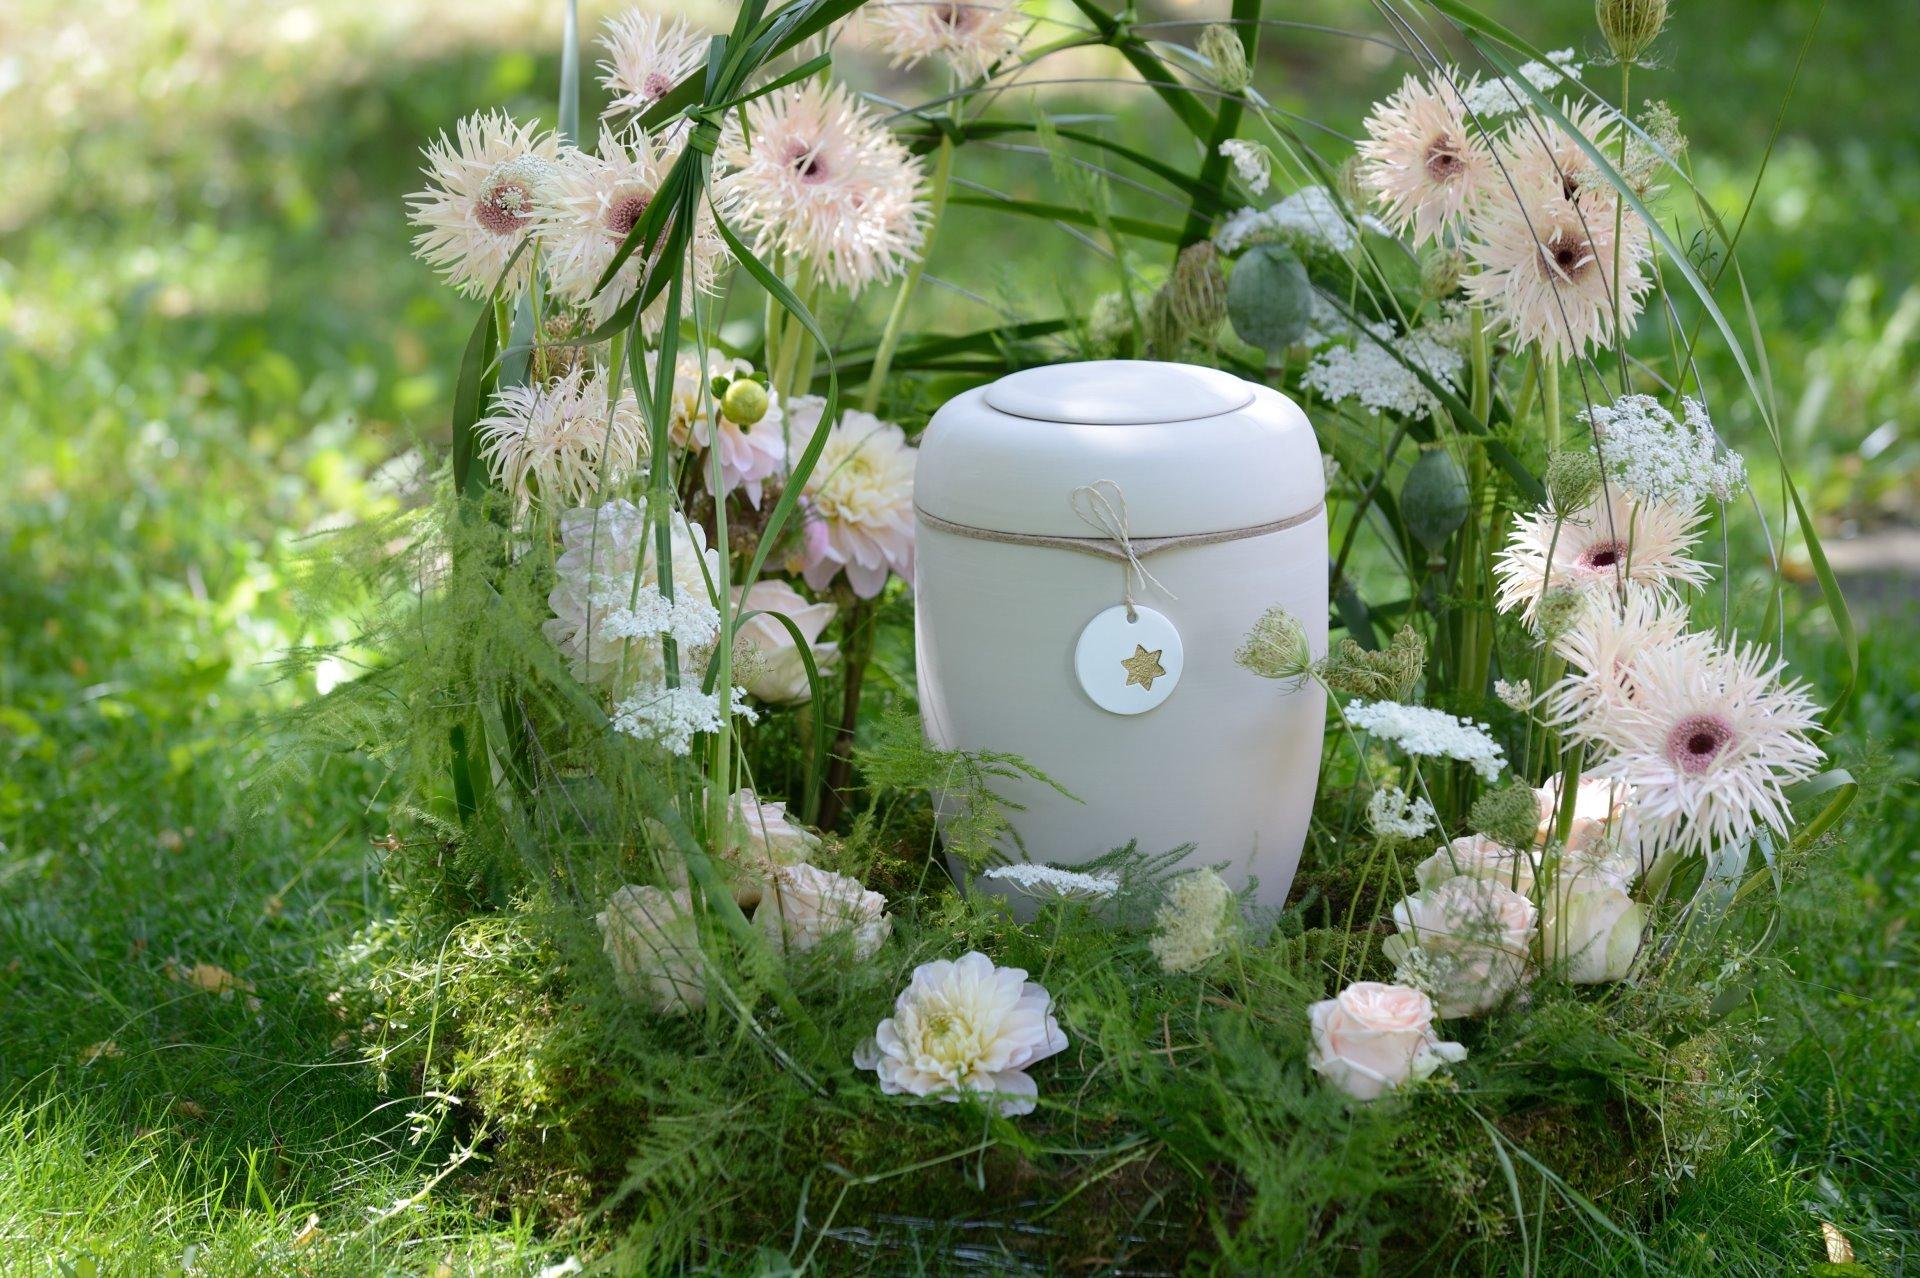 Blumenschmuck mit Urne in der Mitte